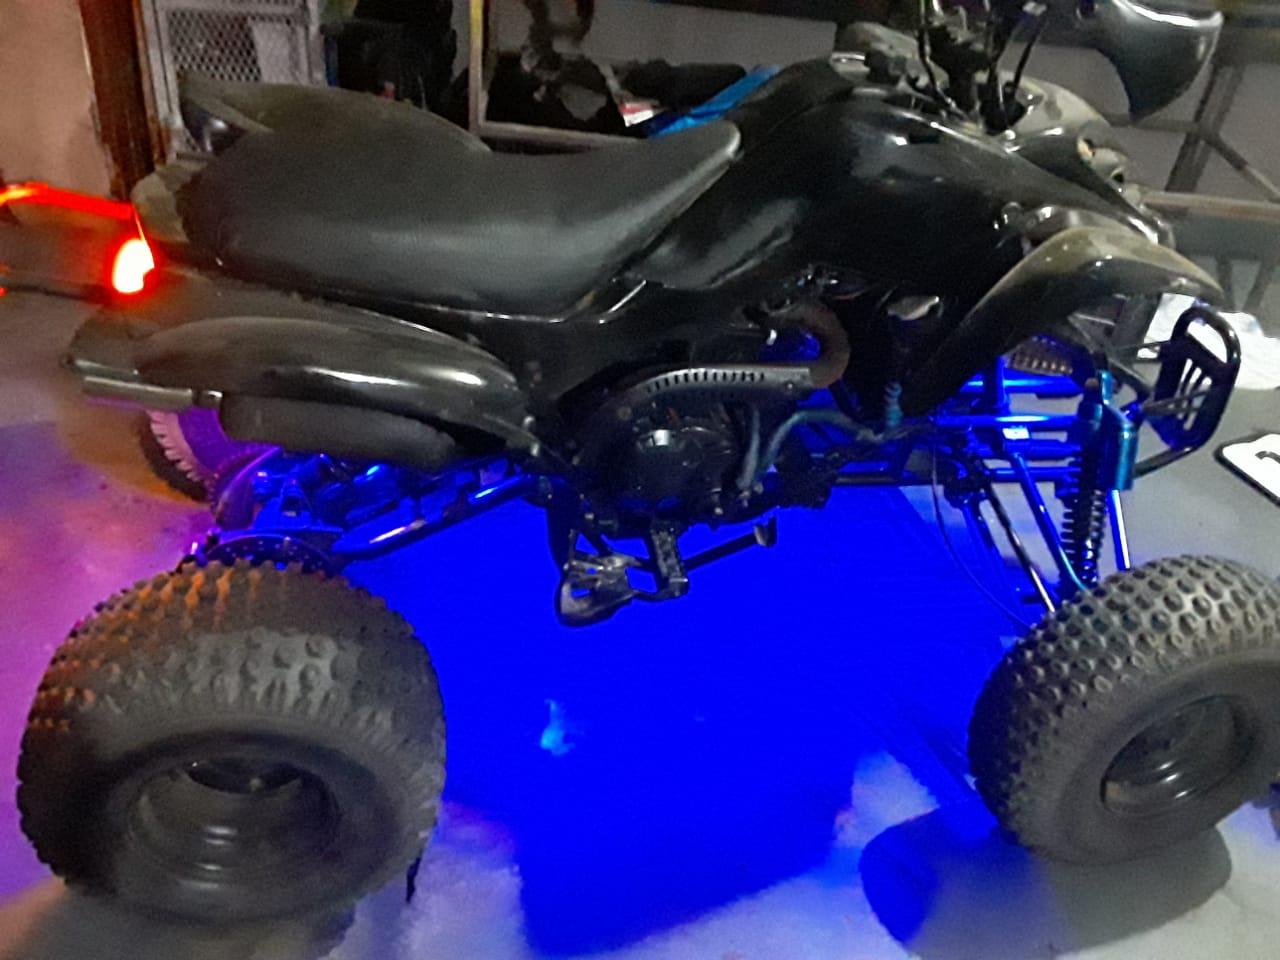 2015 Polaris Polaris ACE® 900 XC